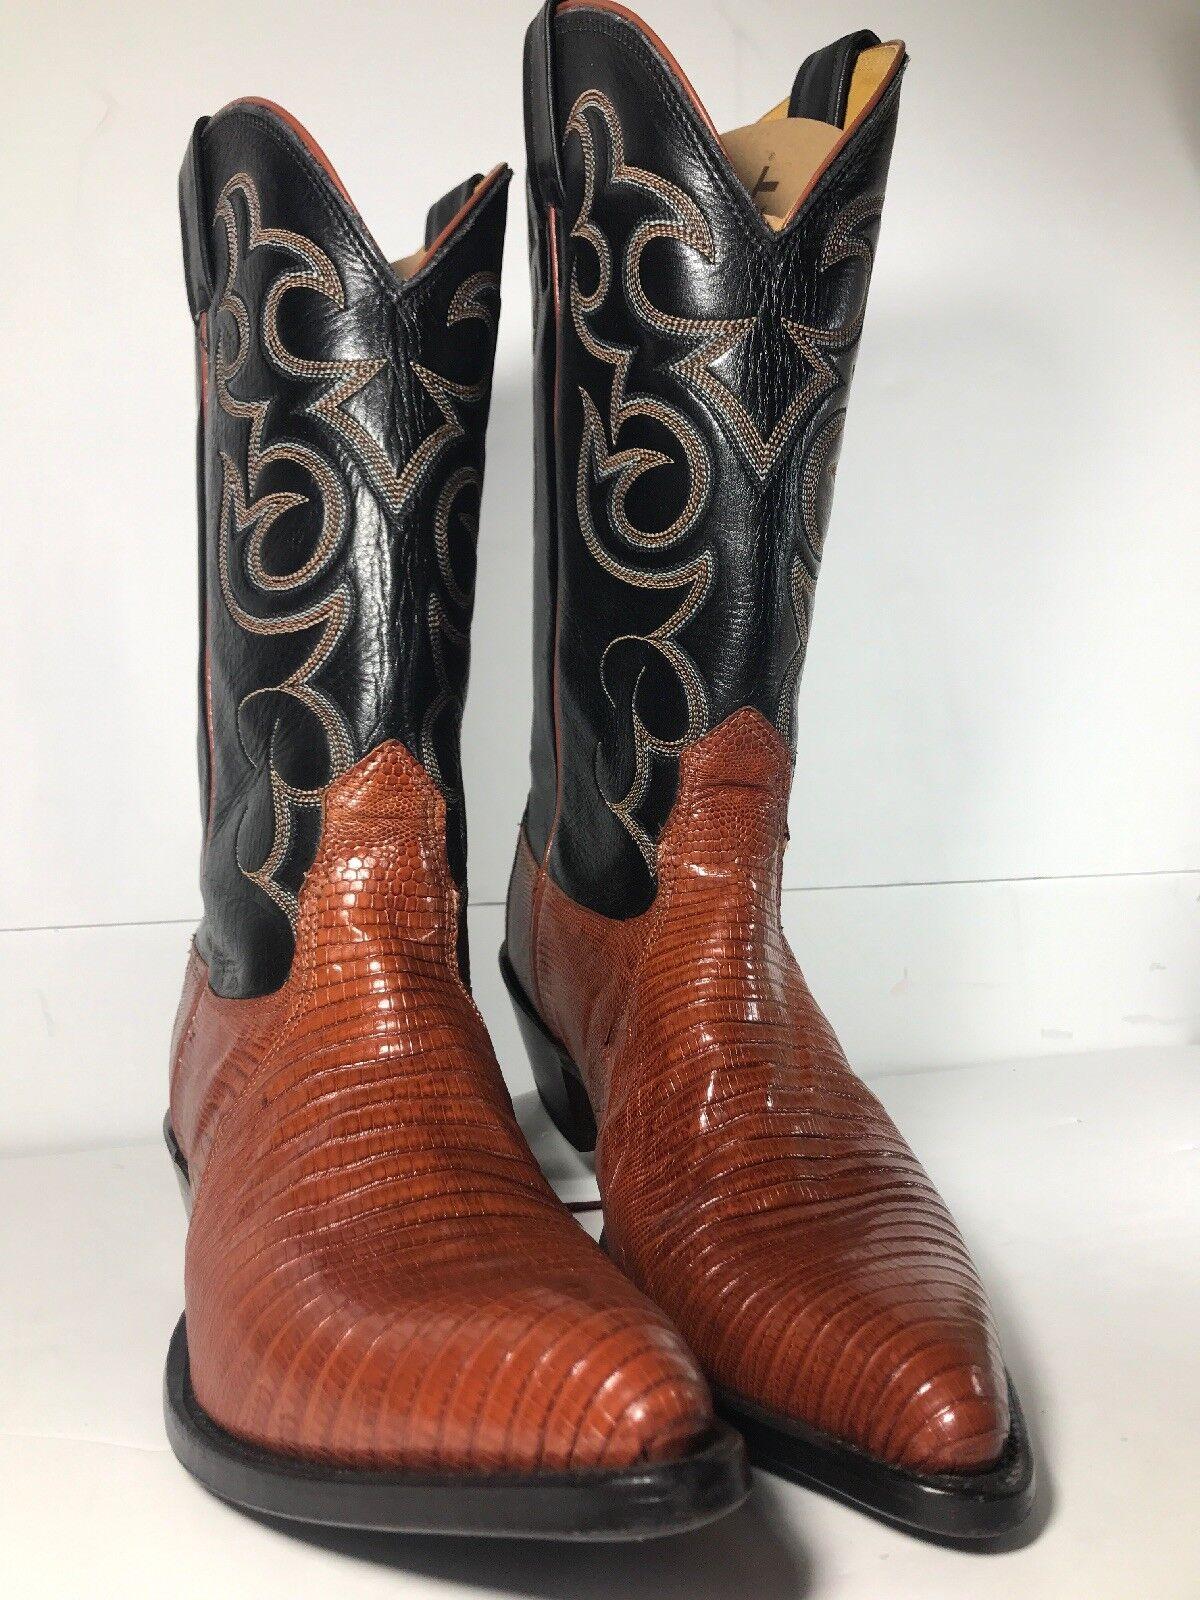 economico e di alta qualità Nocona donna Western stivali 1524-27-305 Peanut Peanut Peanut Brittle Lizard Leather Dimensione 8.5B  prodotto di qualità